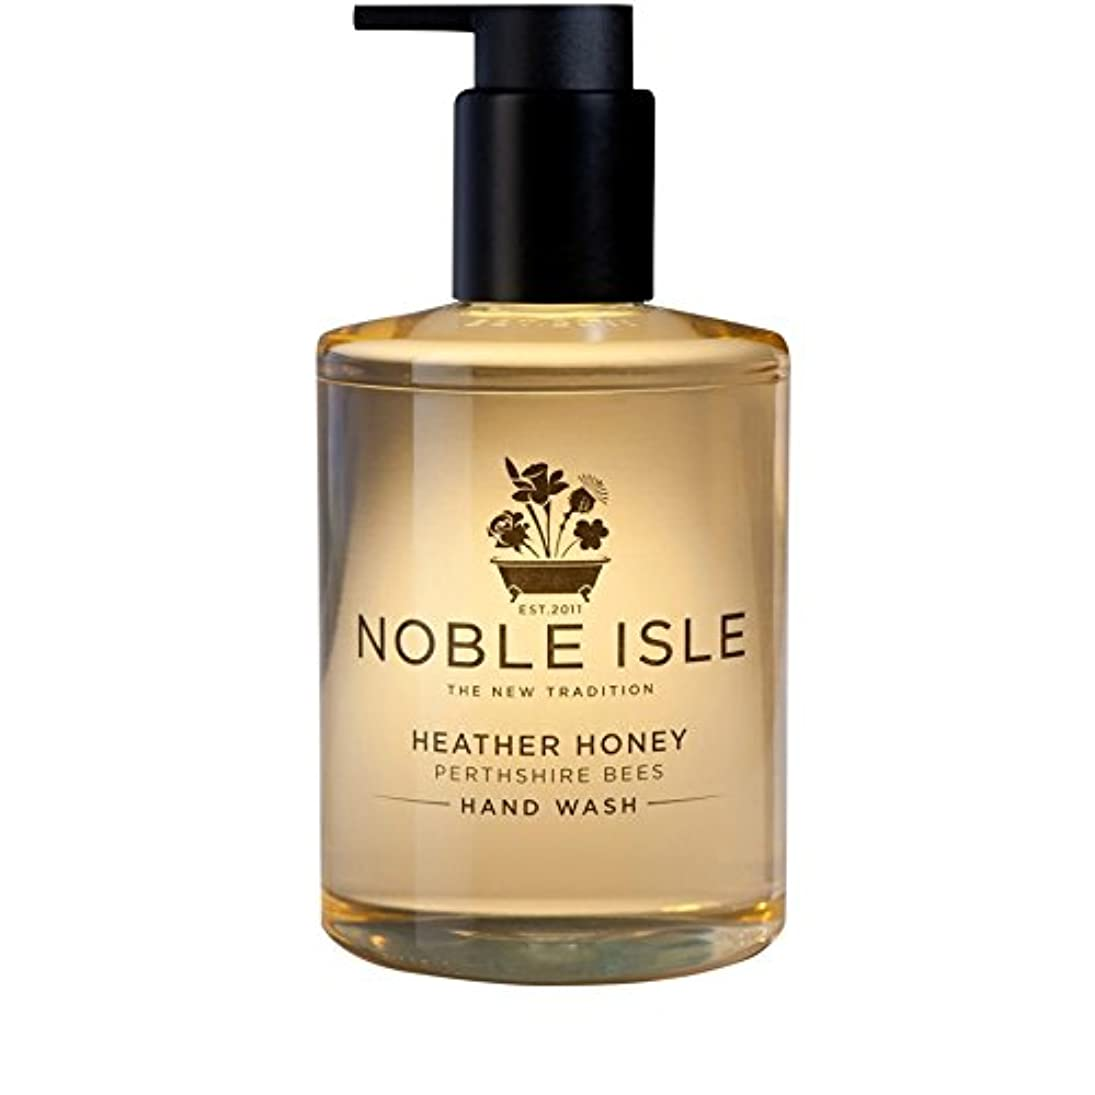 チャンピオンつぶやきふざけたNoble Isle Heather Honey Perthshire Bees Hand Wash 250ml (Pack of 6) - 高貴な島杢蜂蜜パースシャー蜂のハンドウォッシュ250ミリリットル x6 [並行輸入品]